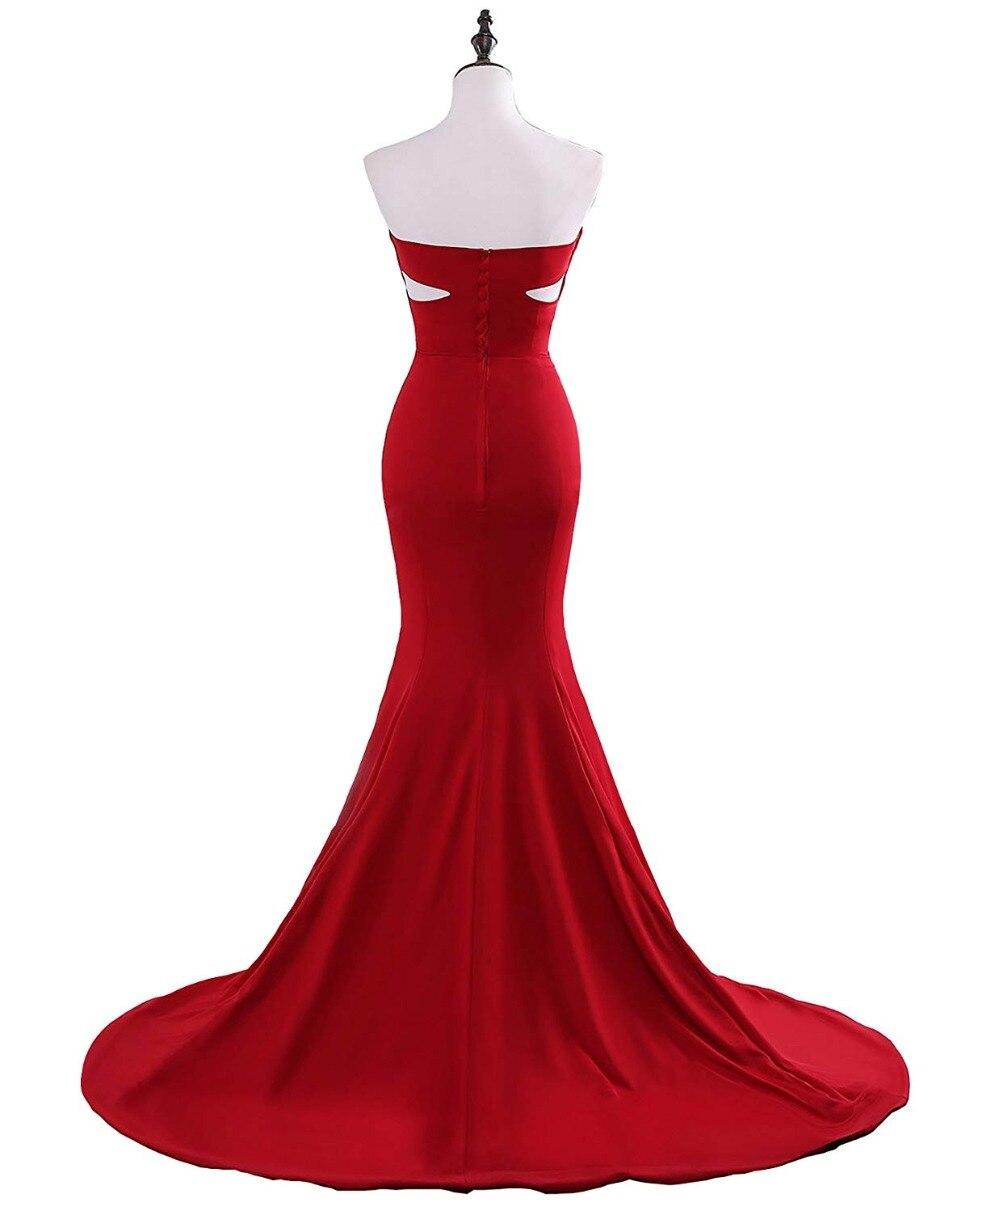 JaneVini vestido de fiesta de sirena rojo árabe 2018 escote corazón largo vestidos de dama de honor Sexy Dubai botón señora Formal vestido - 4